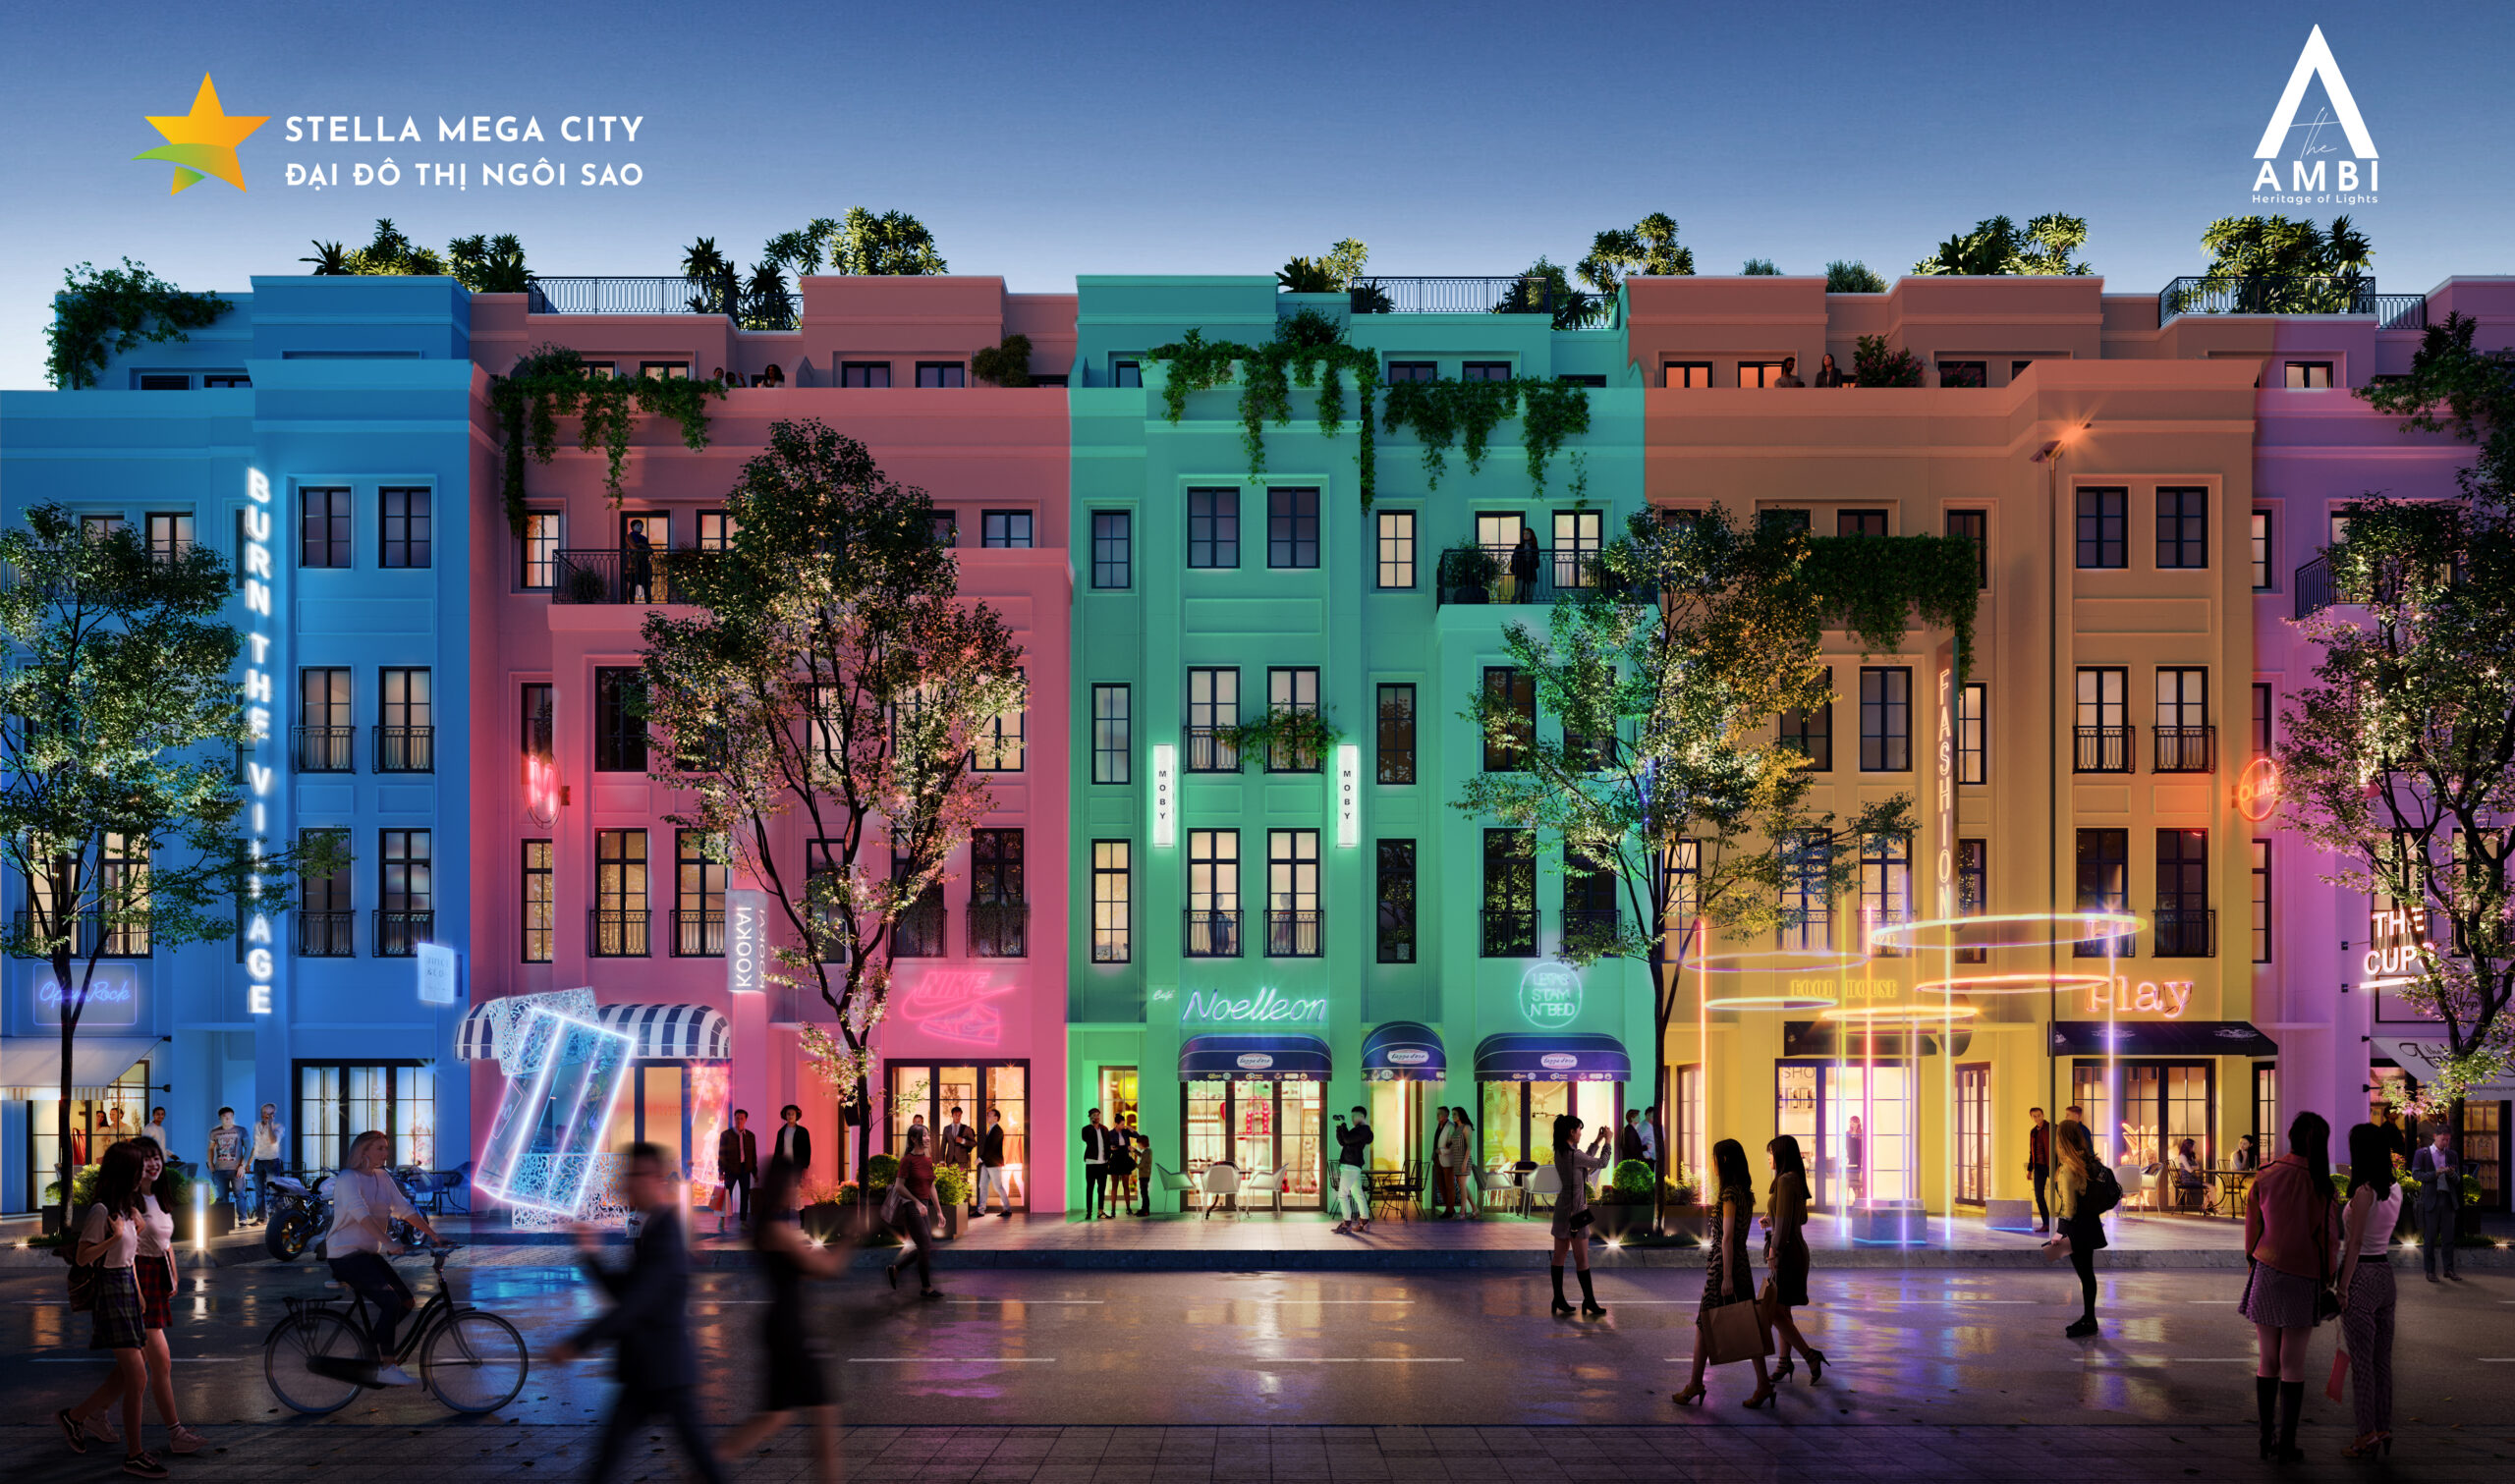 Thiết kế shophouse phố đi bộ Stella Mega City